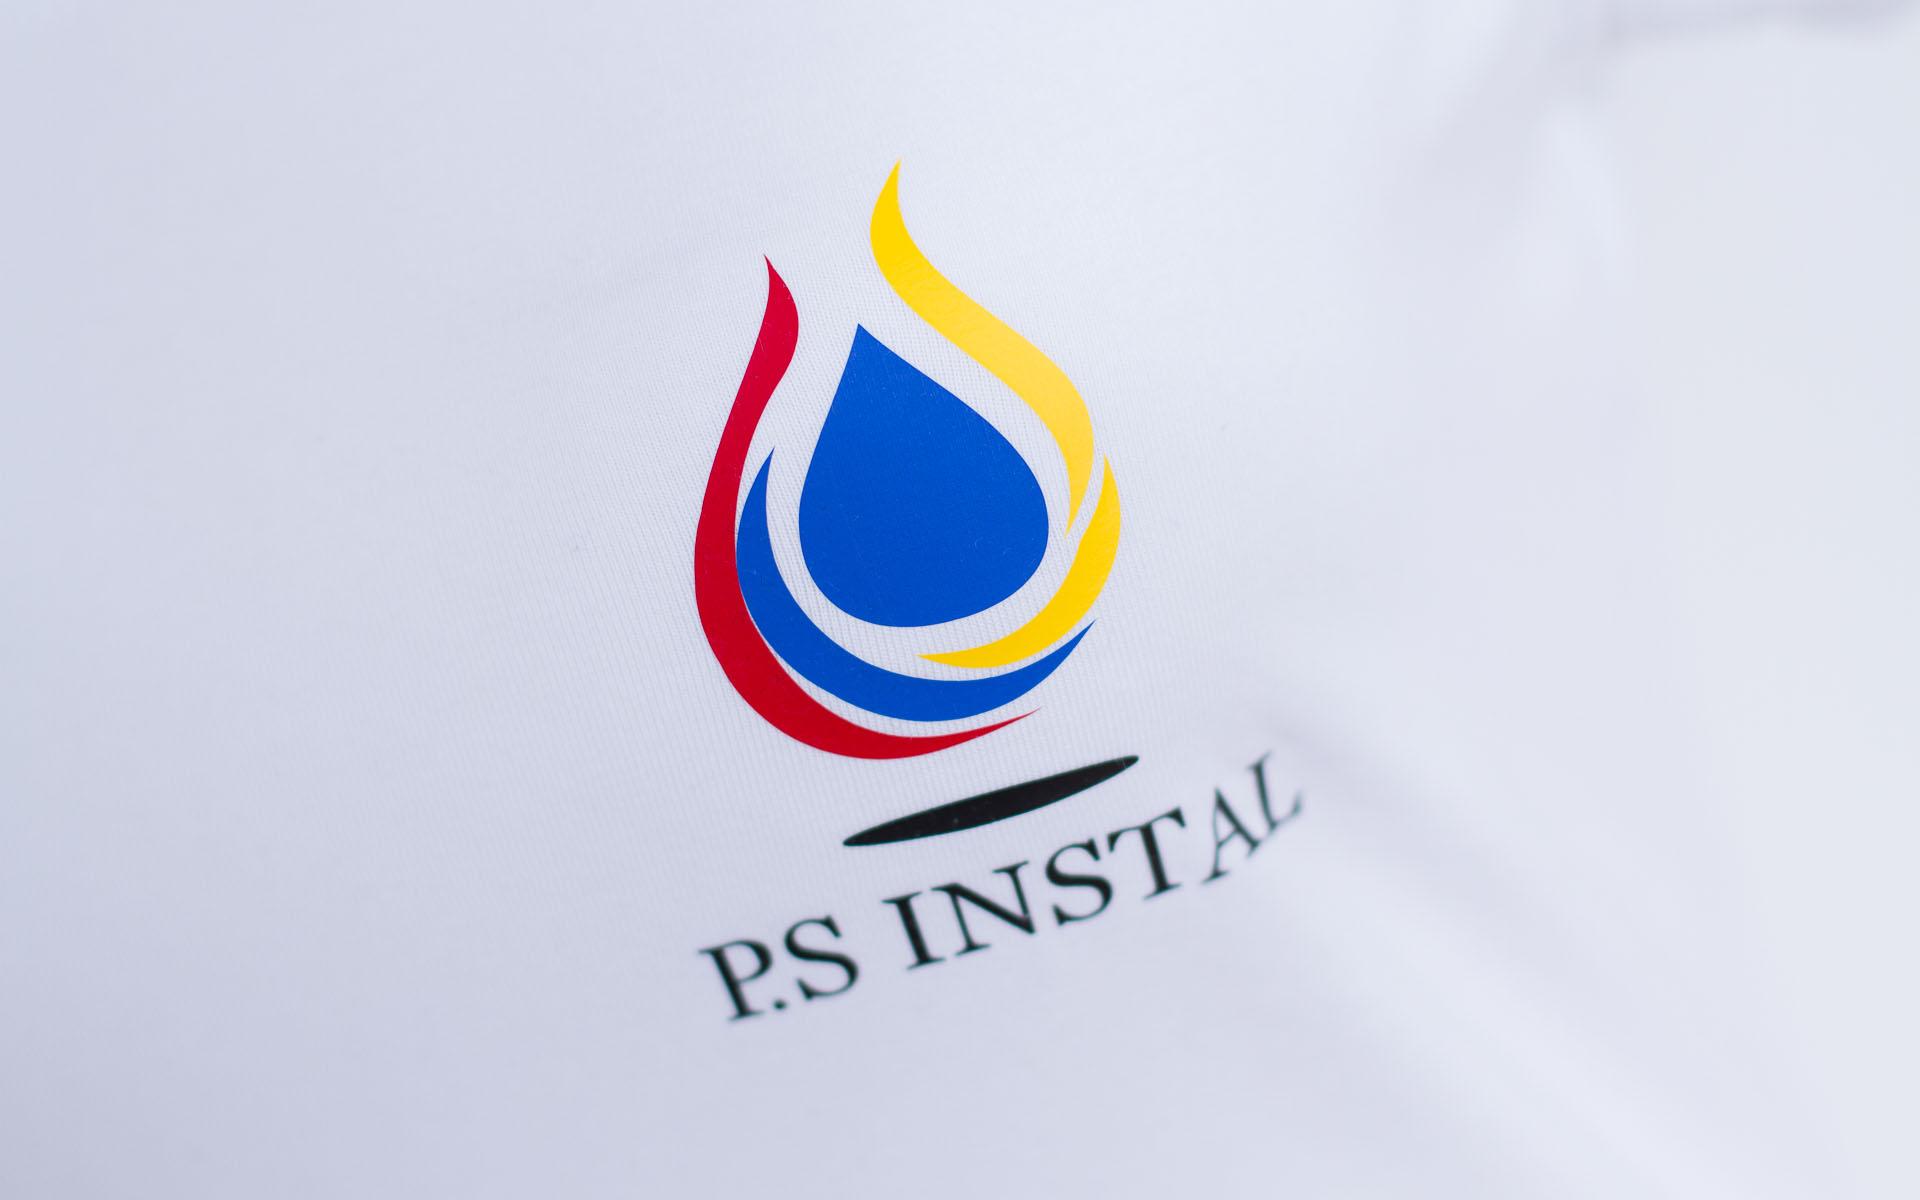 psinstal-odziez-1